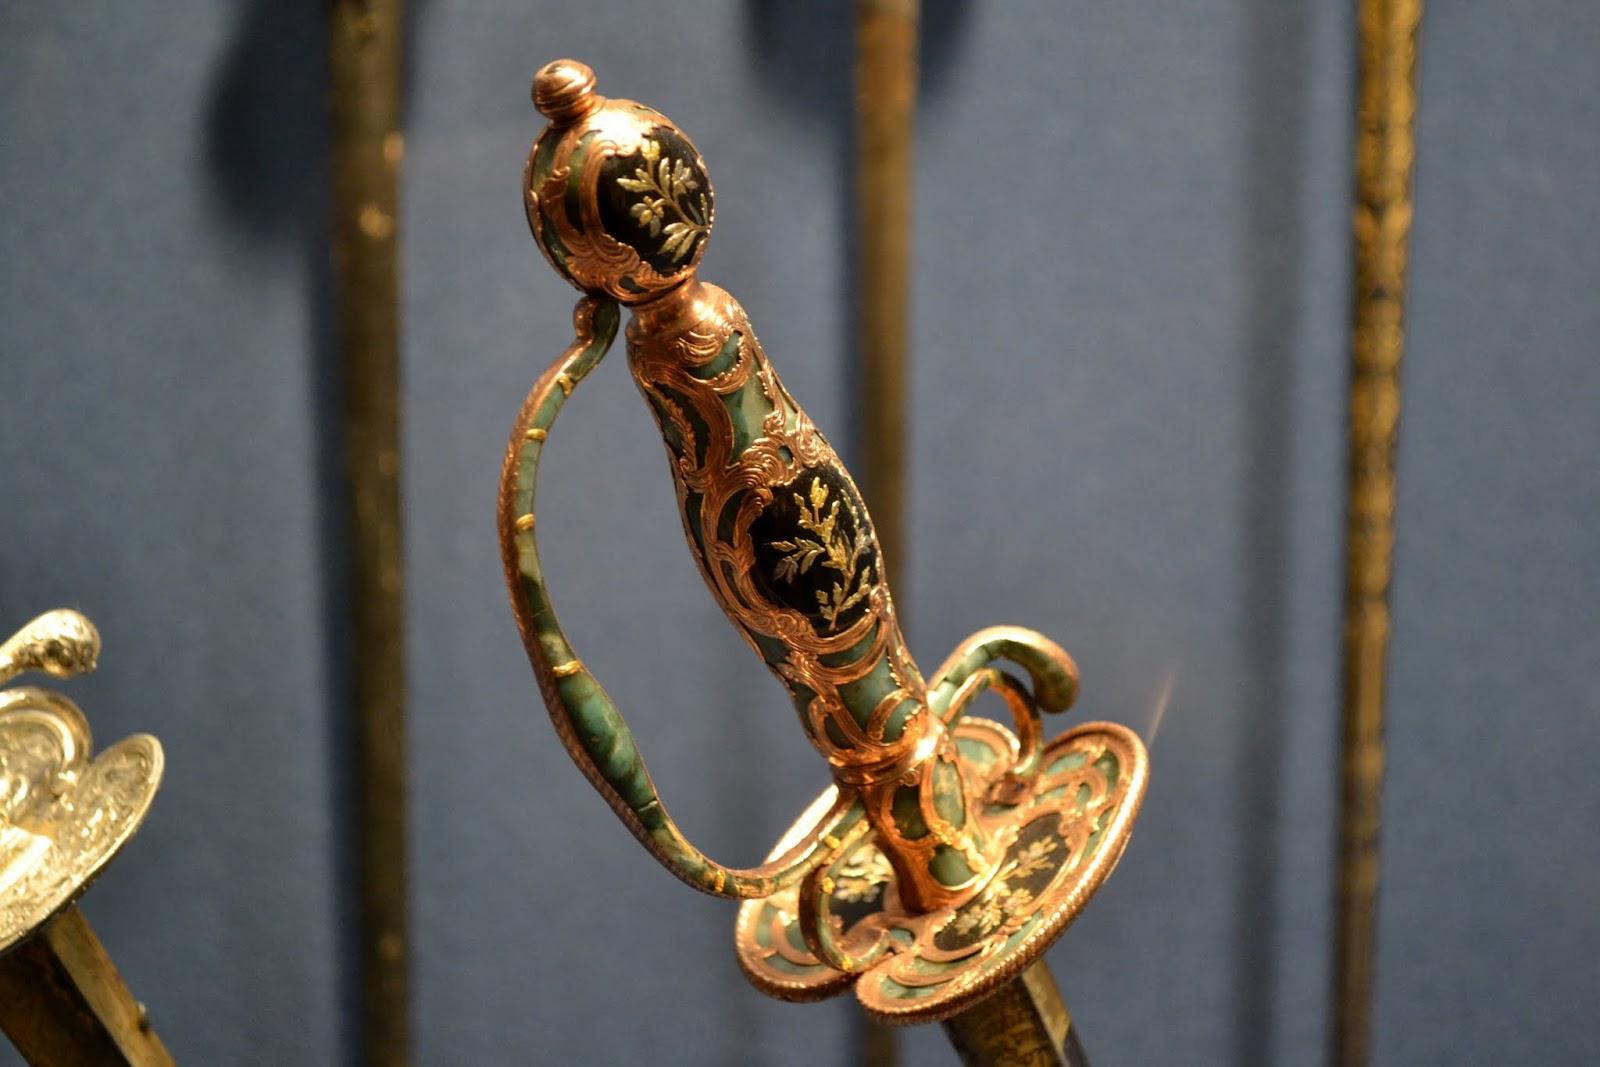 Оружие. Метрополитен-музей. Нью-Йорк, Нью-Йорк (The Metropolitan Museum of Art, NYC)